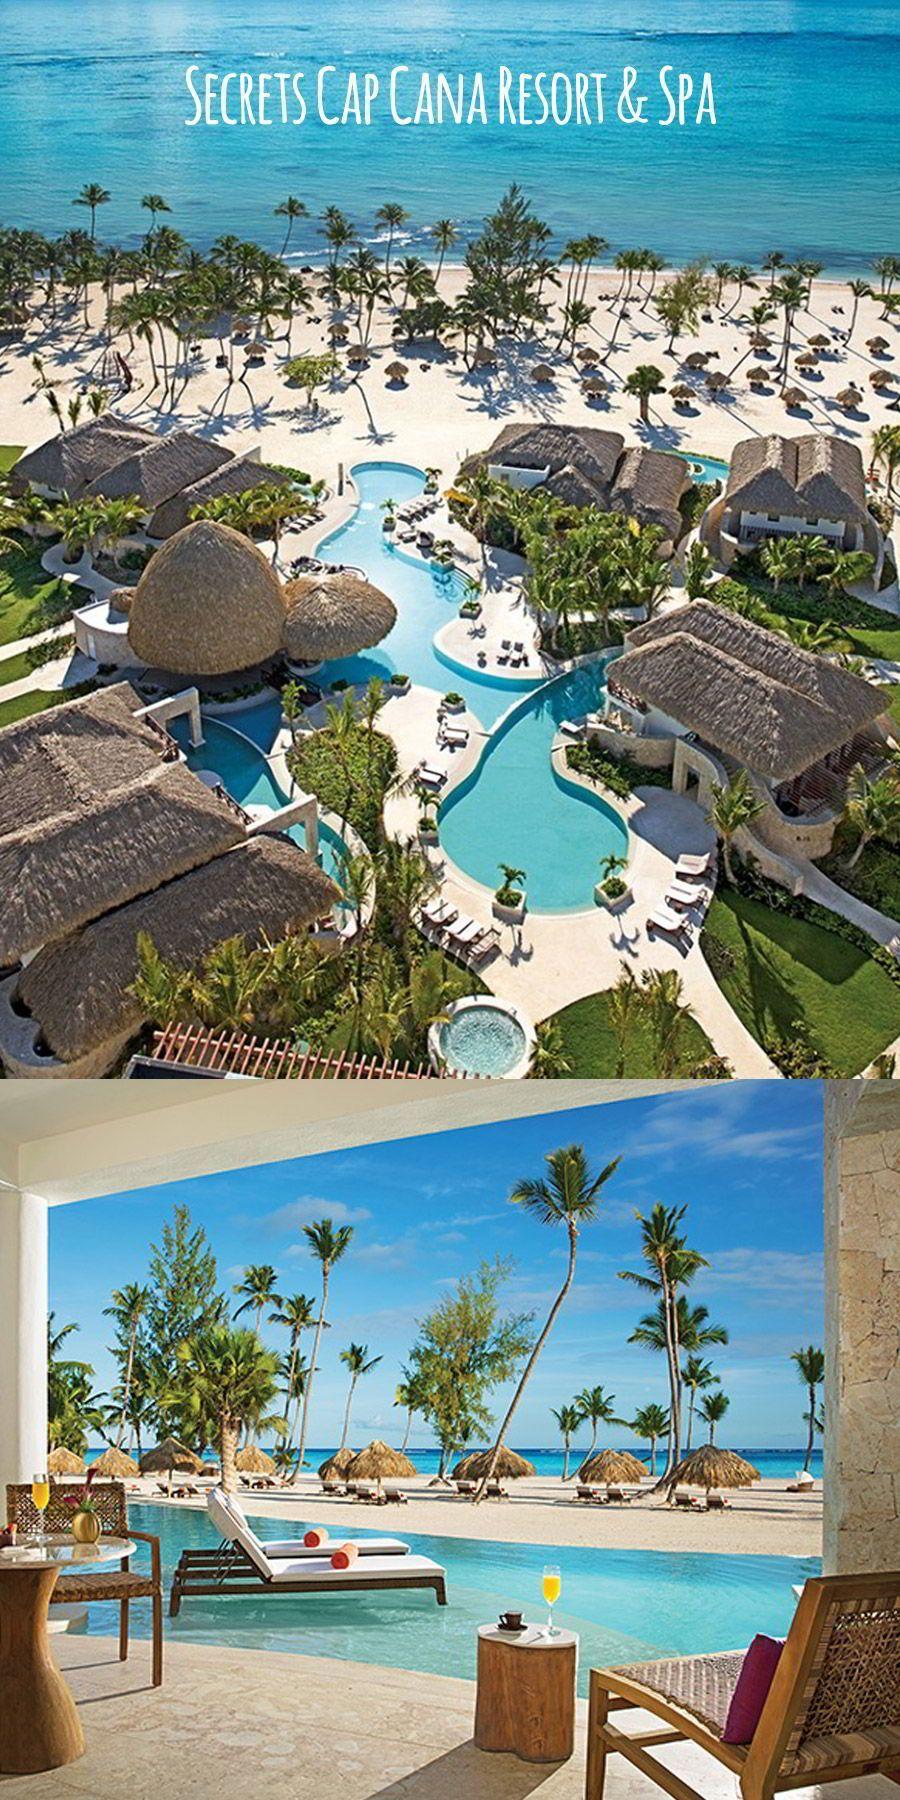 Luxuriose Hochzeiten In Reisezielen In Secrets Resorts Spas Mit Apple Vacations Hochzeit Inspirasi Secrets Resorts Cap In 2020 Reiseziele Reisen Ferienanlagen